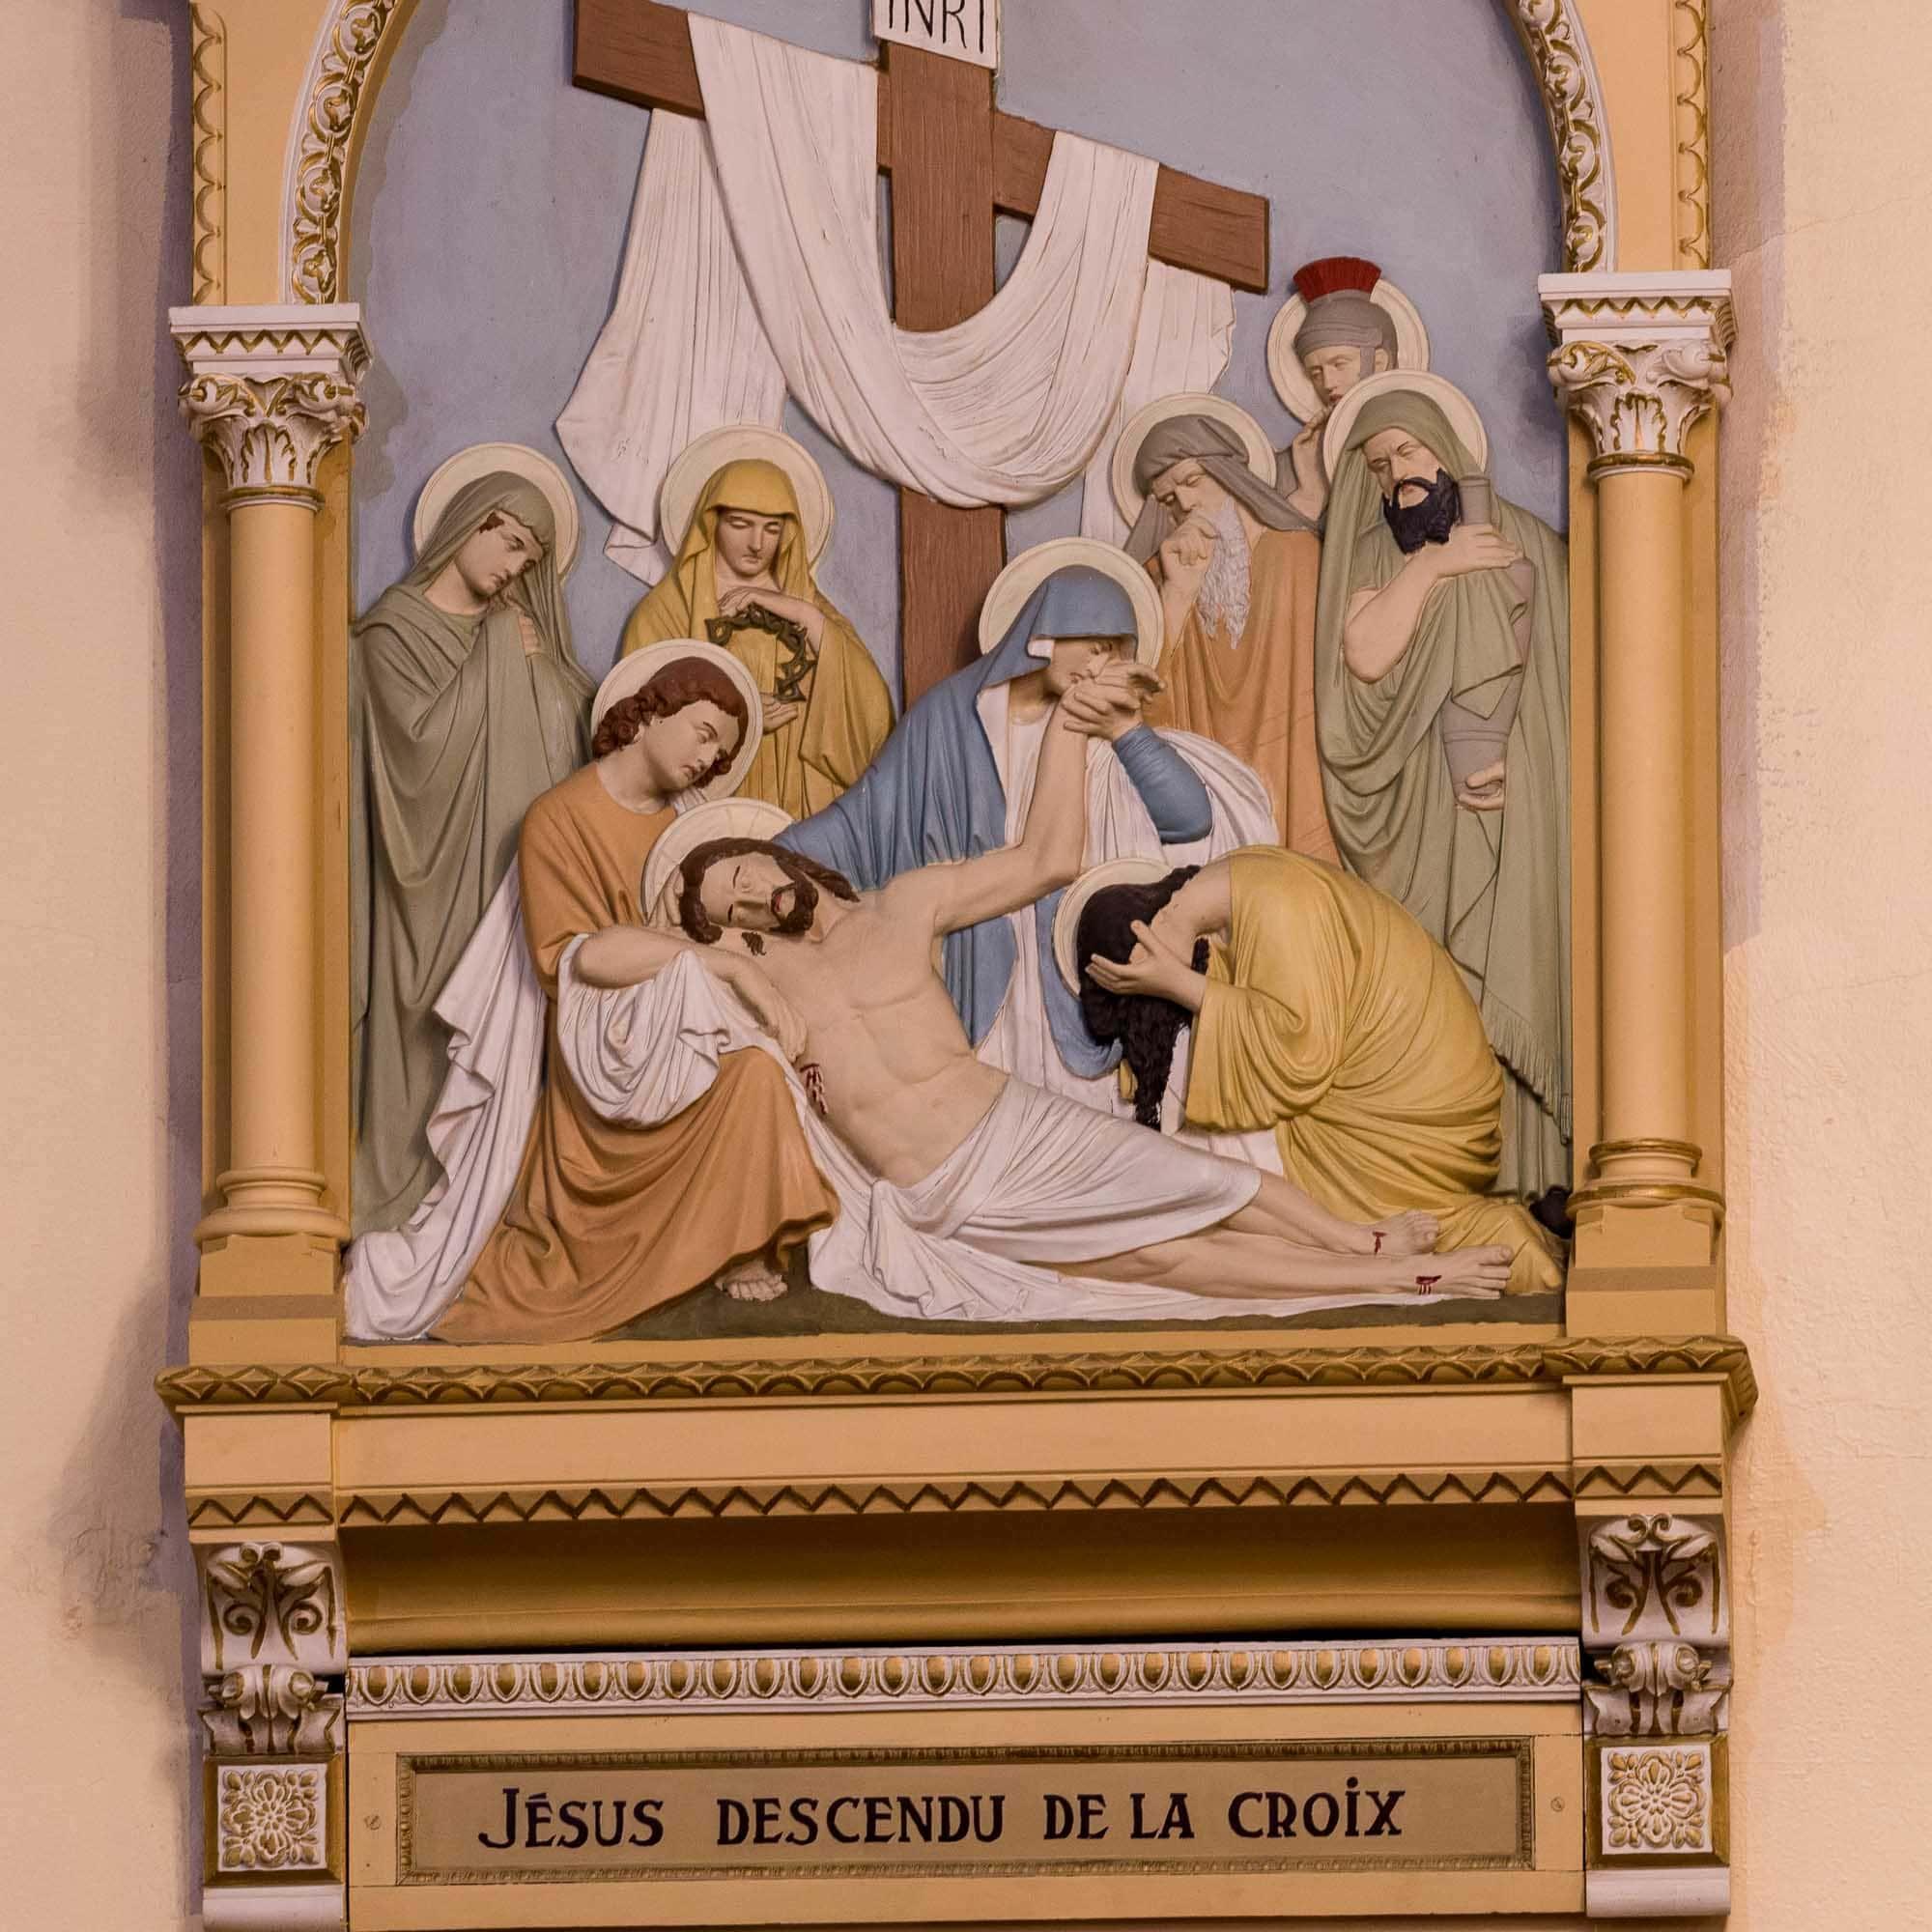 13 chemin de croix cathedrale saint jerome